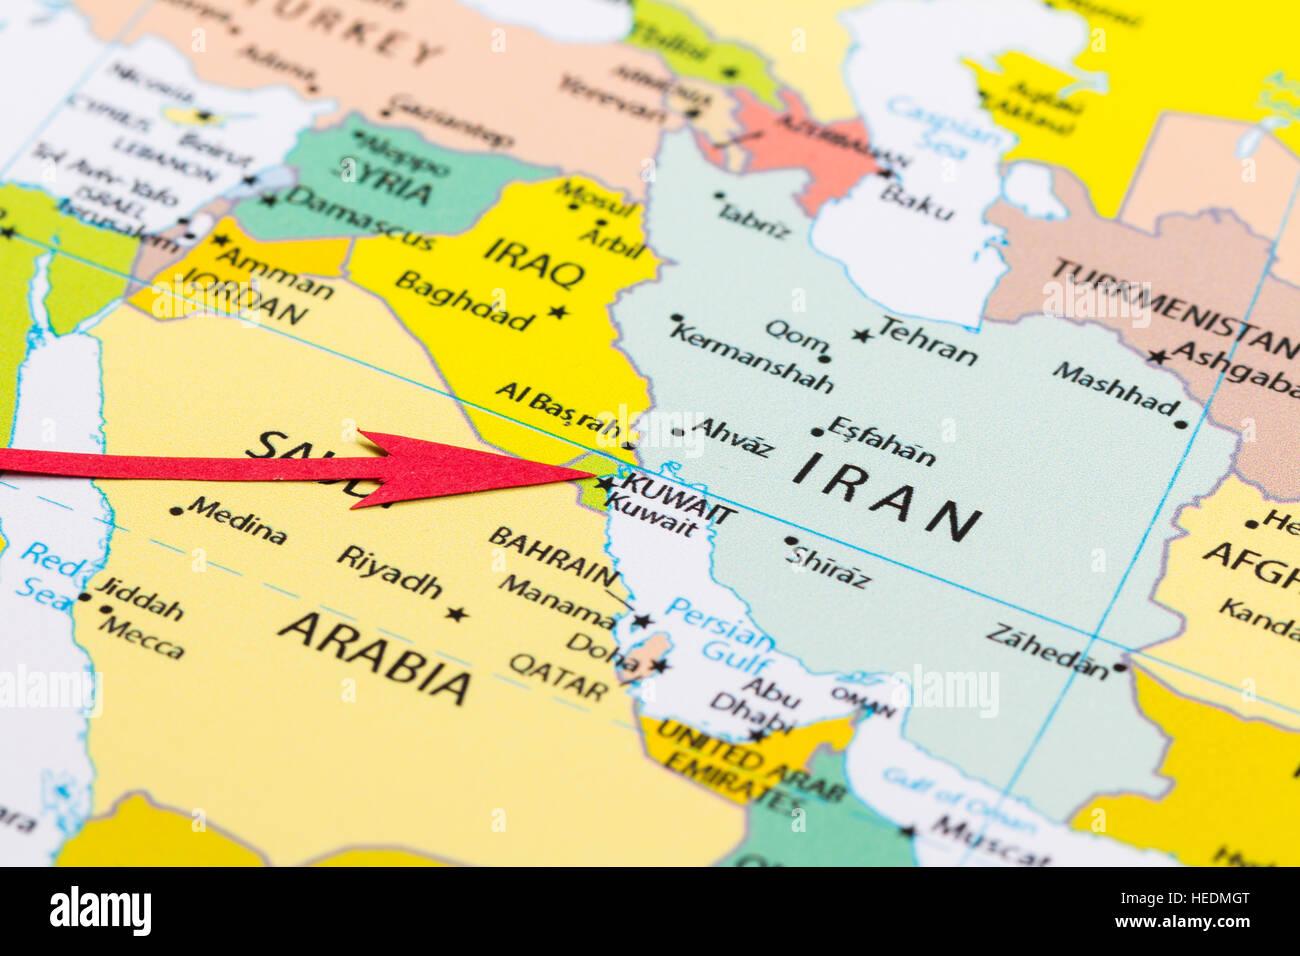 kuwait karte Roten Pfeil auf der Karte von Asien Kontinent Kuwait Stockfoto  kuwait karte